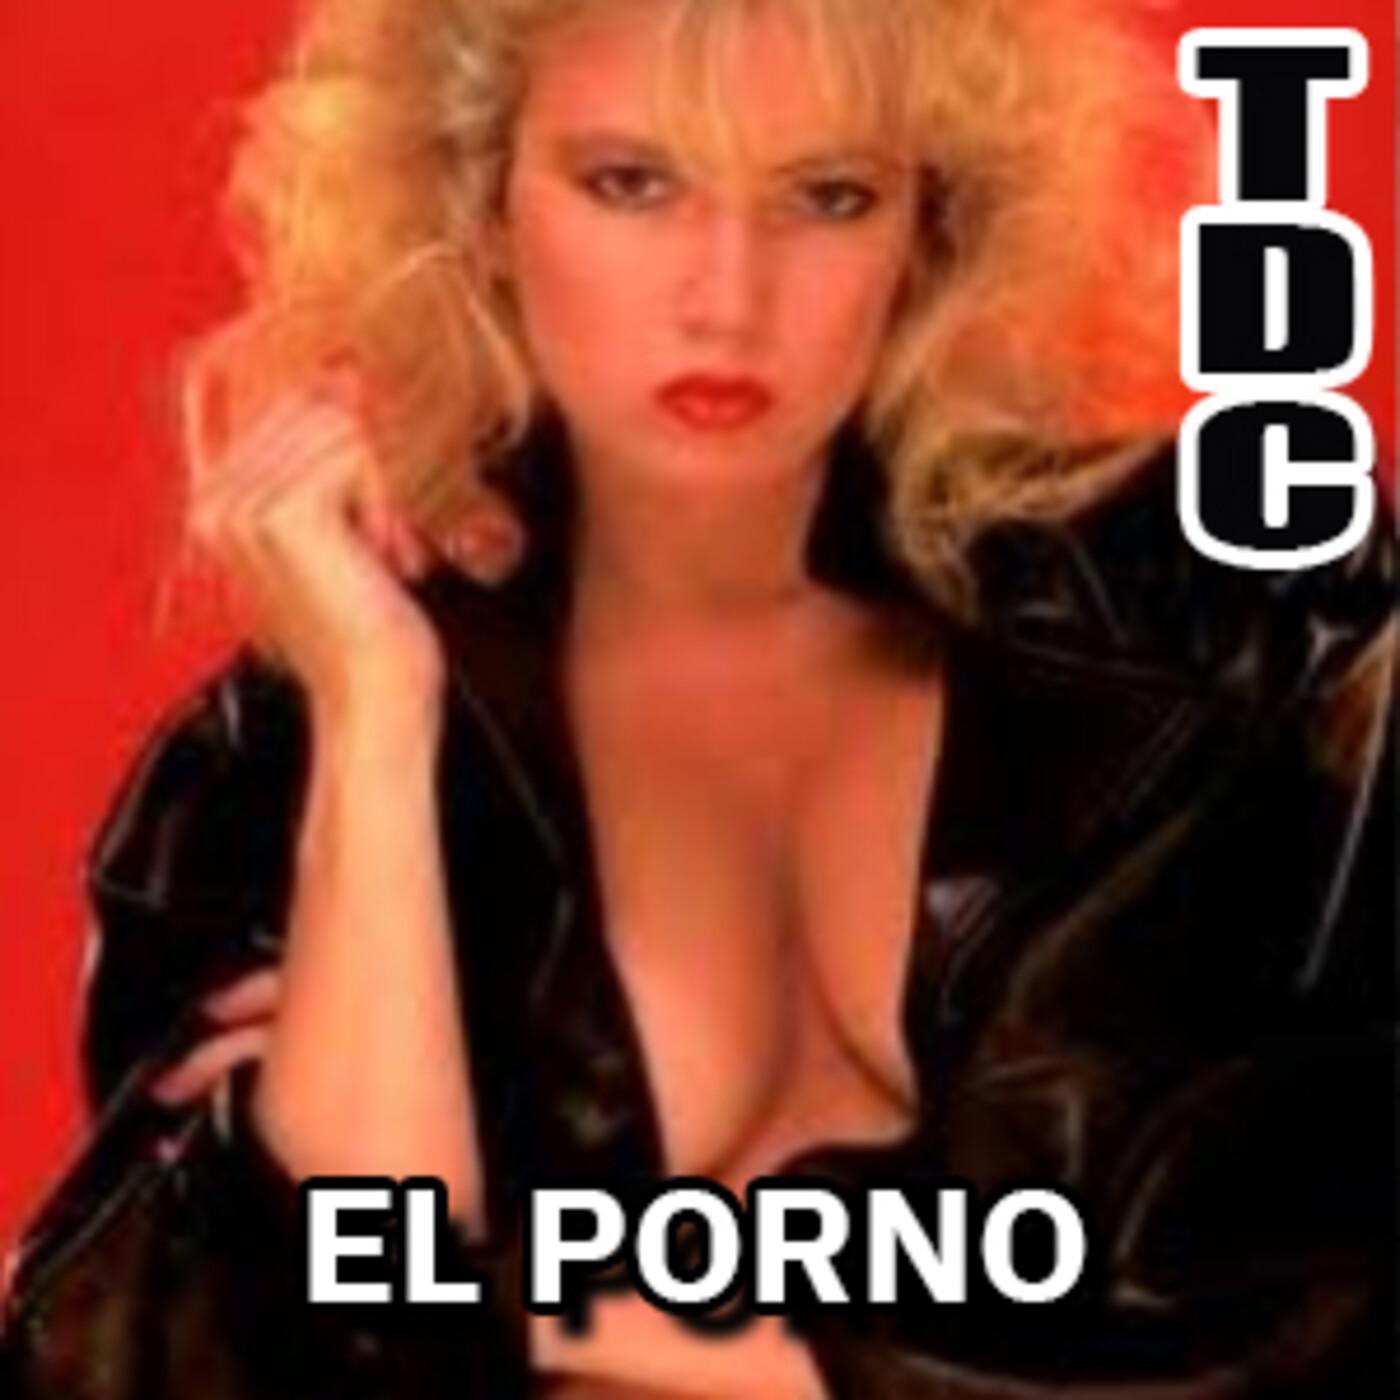 TDC Podcast - 109 - El mundo del porno (EN DIRECTO, el programa, no el porno)